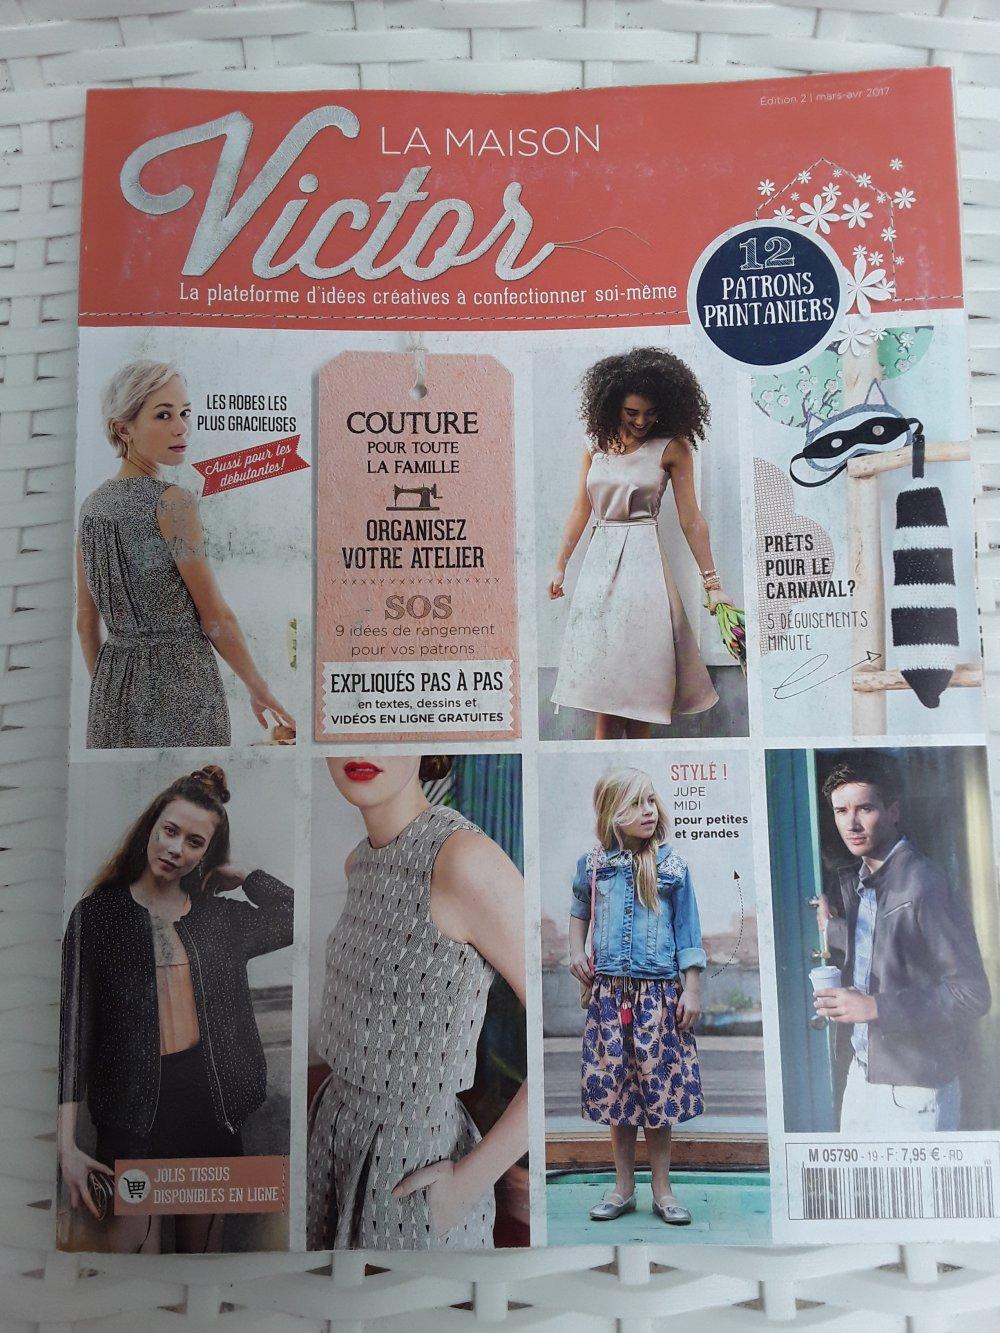 Magazine Couture La Maison Victor mars avril 2017